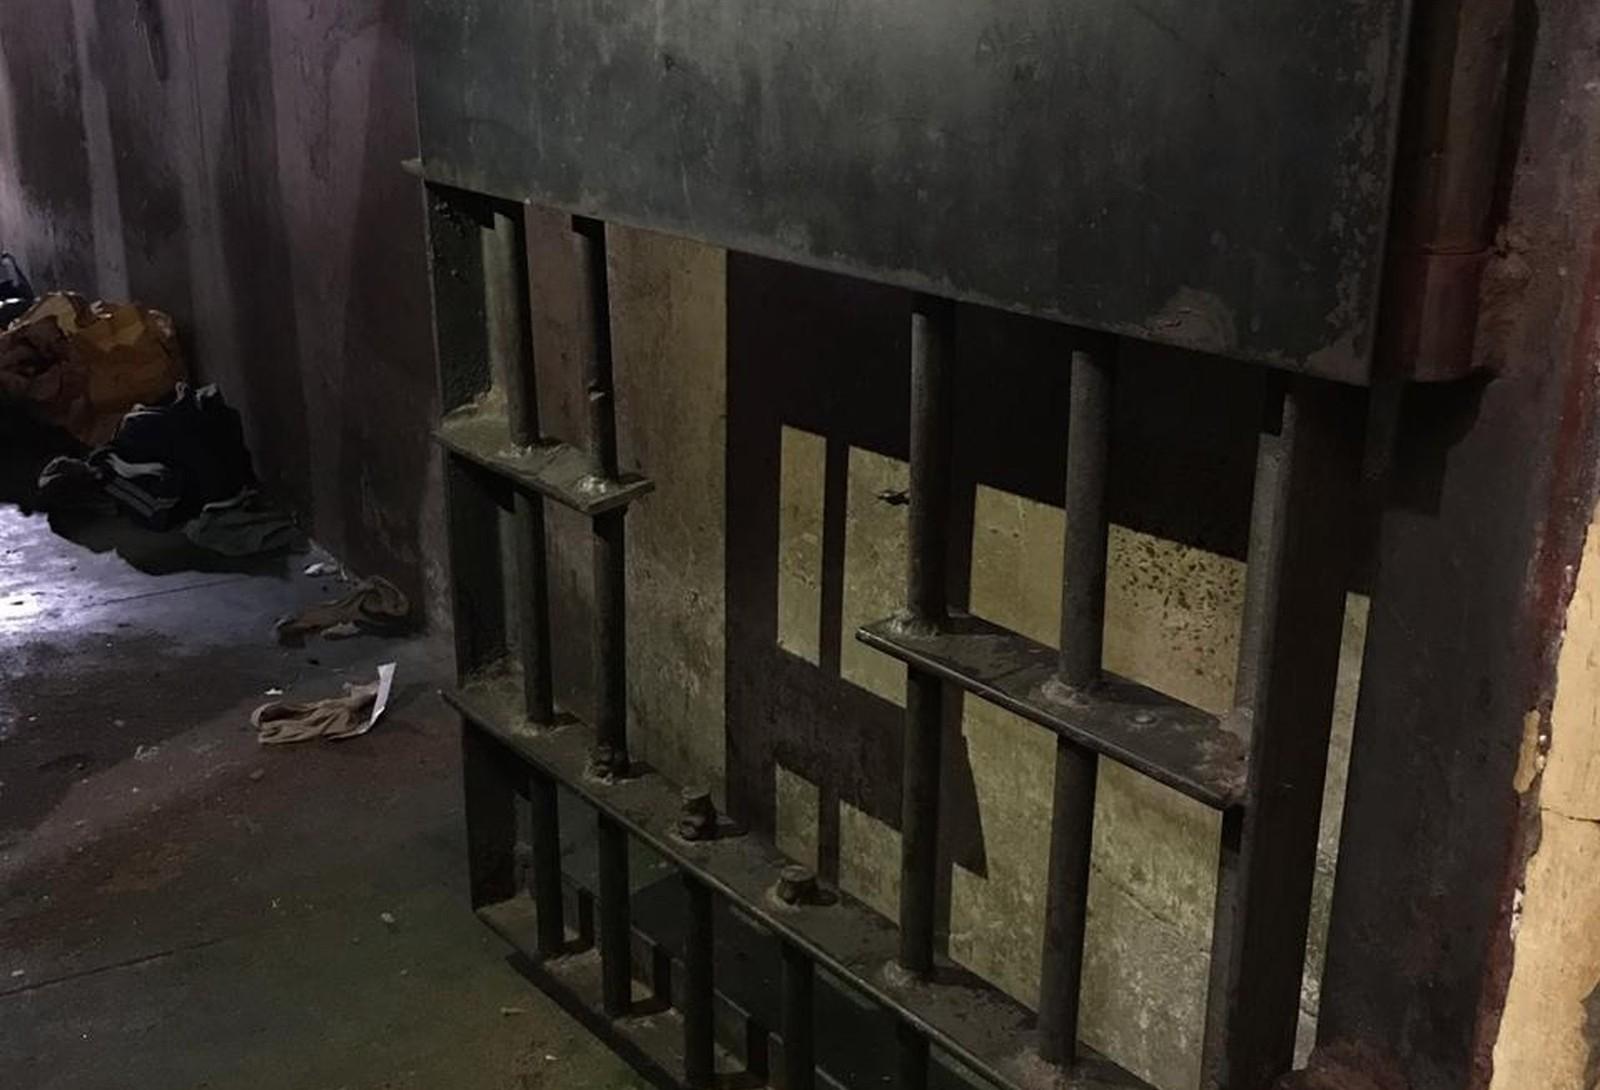 Doze presos ainda estão foragidos da cadeia de Alto Paraná